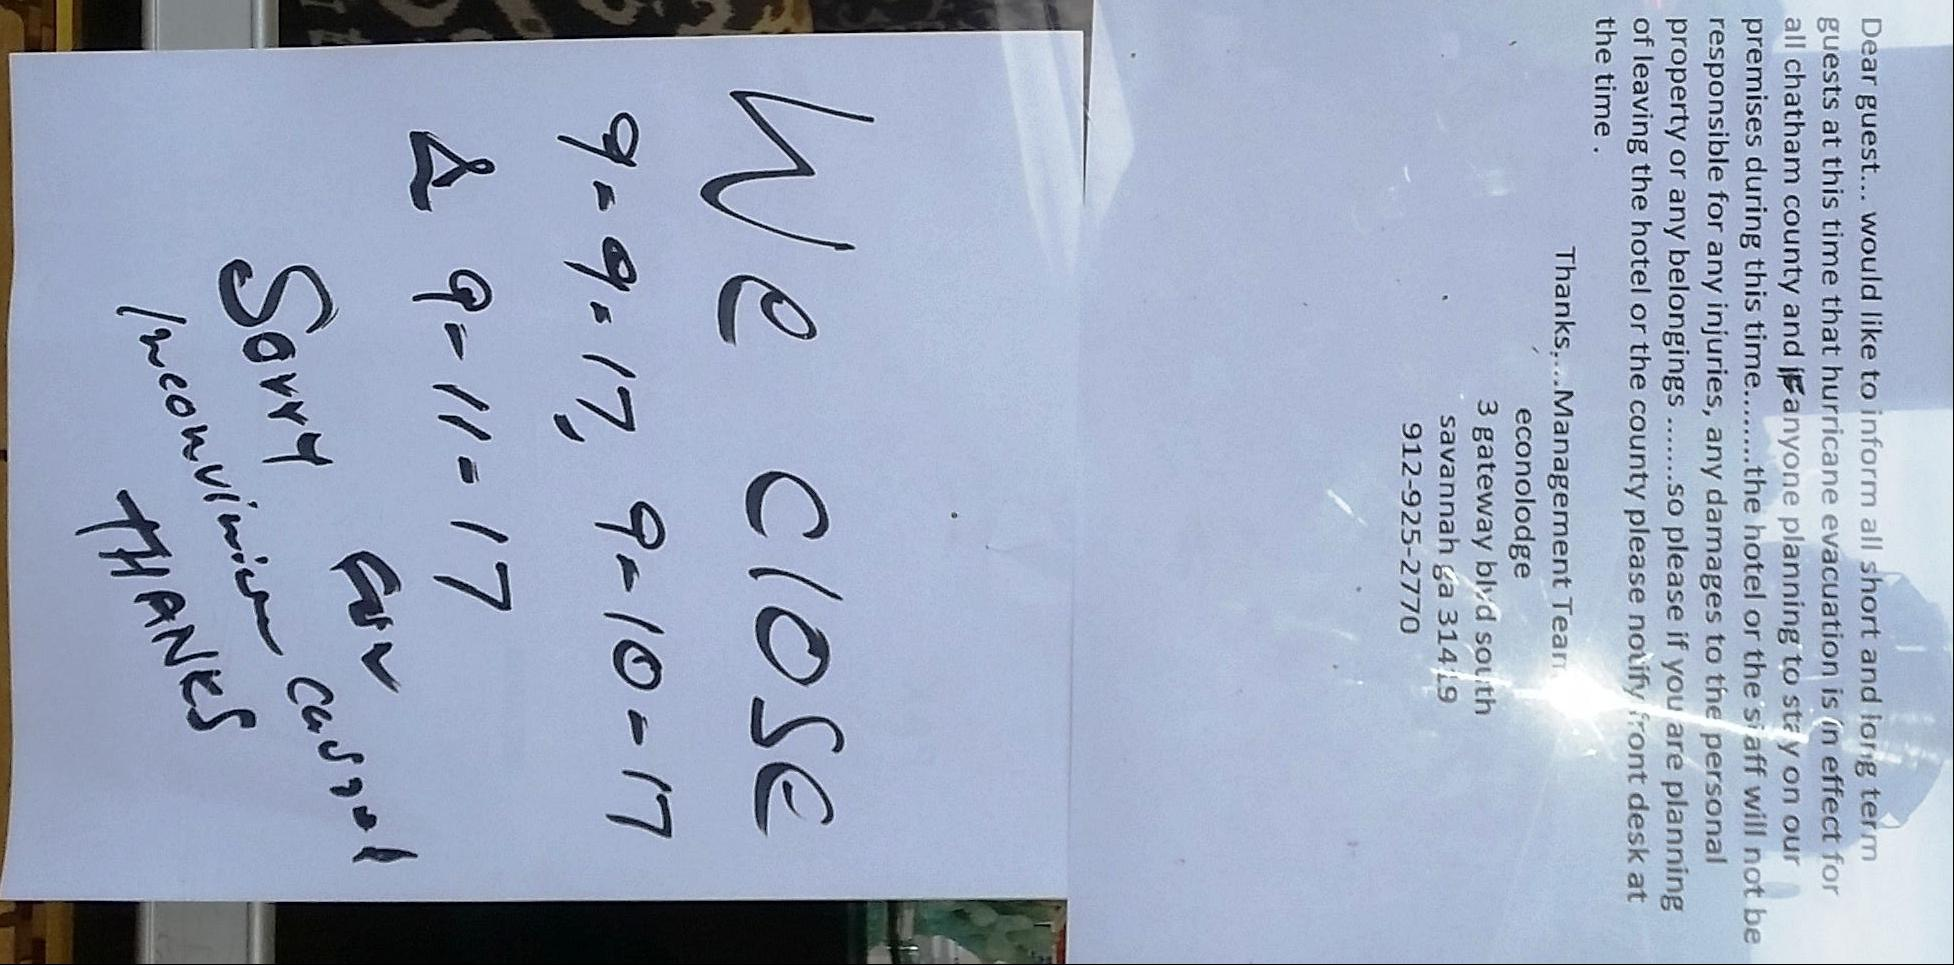 Hotel Notice